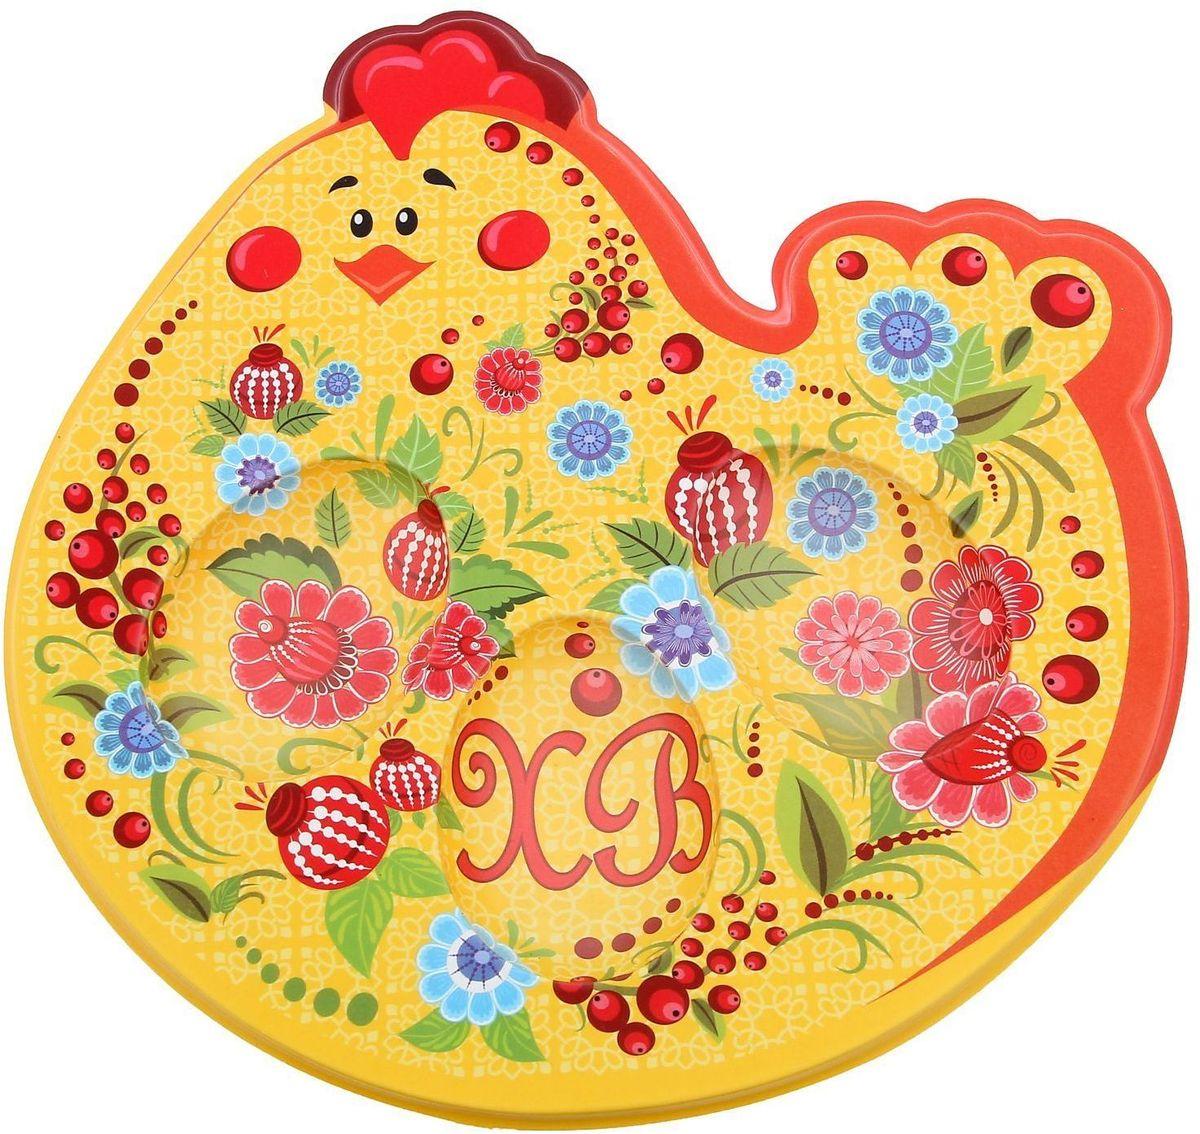 Подставка пасхальная Курочка, под 3 яйца, 18 х 8,2 см. 1253088VT-1520(SR)Пасхальная подставка для 3 яйц и кулича изготовлена из качественного пластика, в центре имеется яркая вставка. Аксессуар станет достойным украшением праздничного стола, создаст радостное настроение и наполнит пространство вашего дома благостной энергией на весь год вперёд.Подставка будет ценным памятным подарком для родных, друзей и коллег.Радости, добра и света вам и вашим близким!